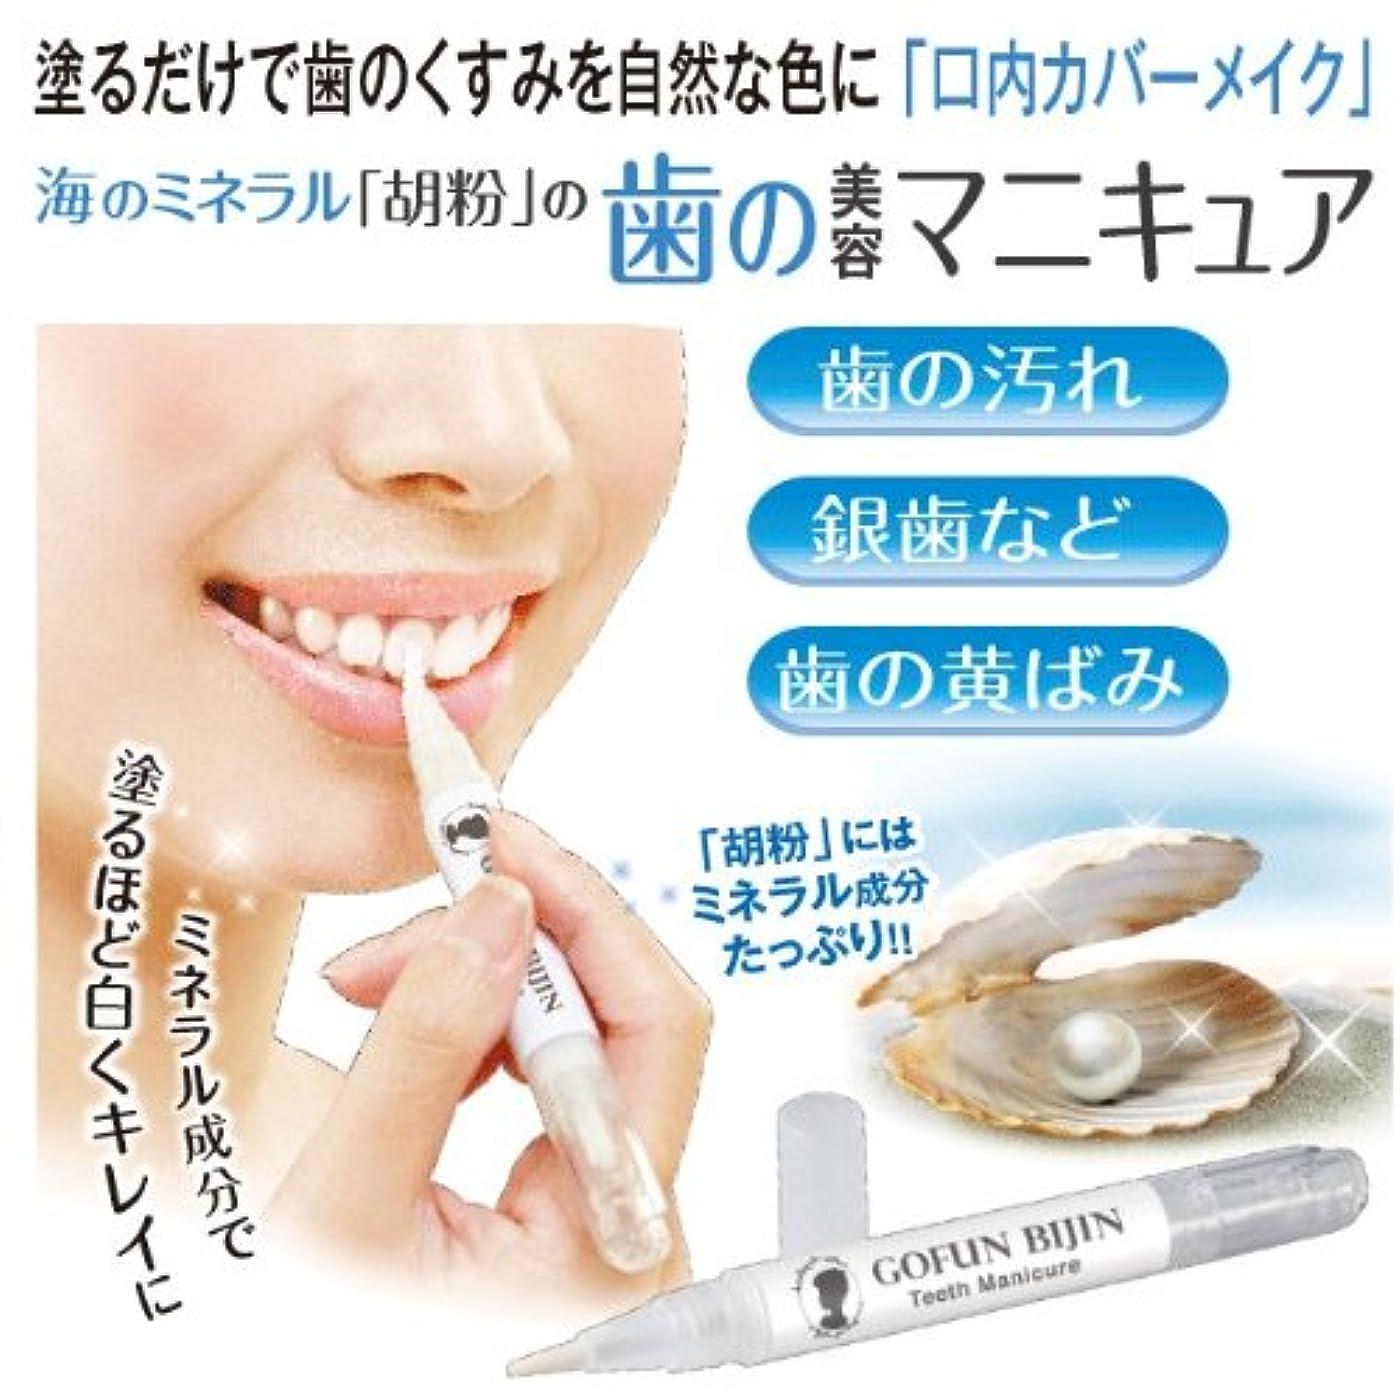 山岳蓋厚くする胡粉美人 歯マニキュア 歯にミネラルを補給してキレイに